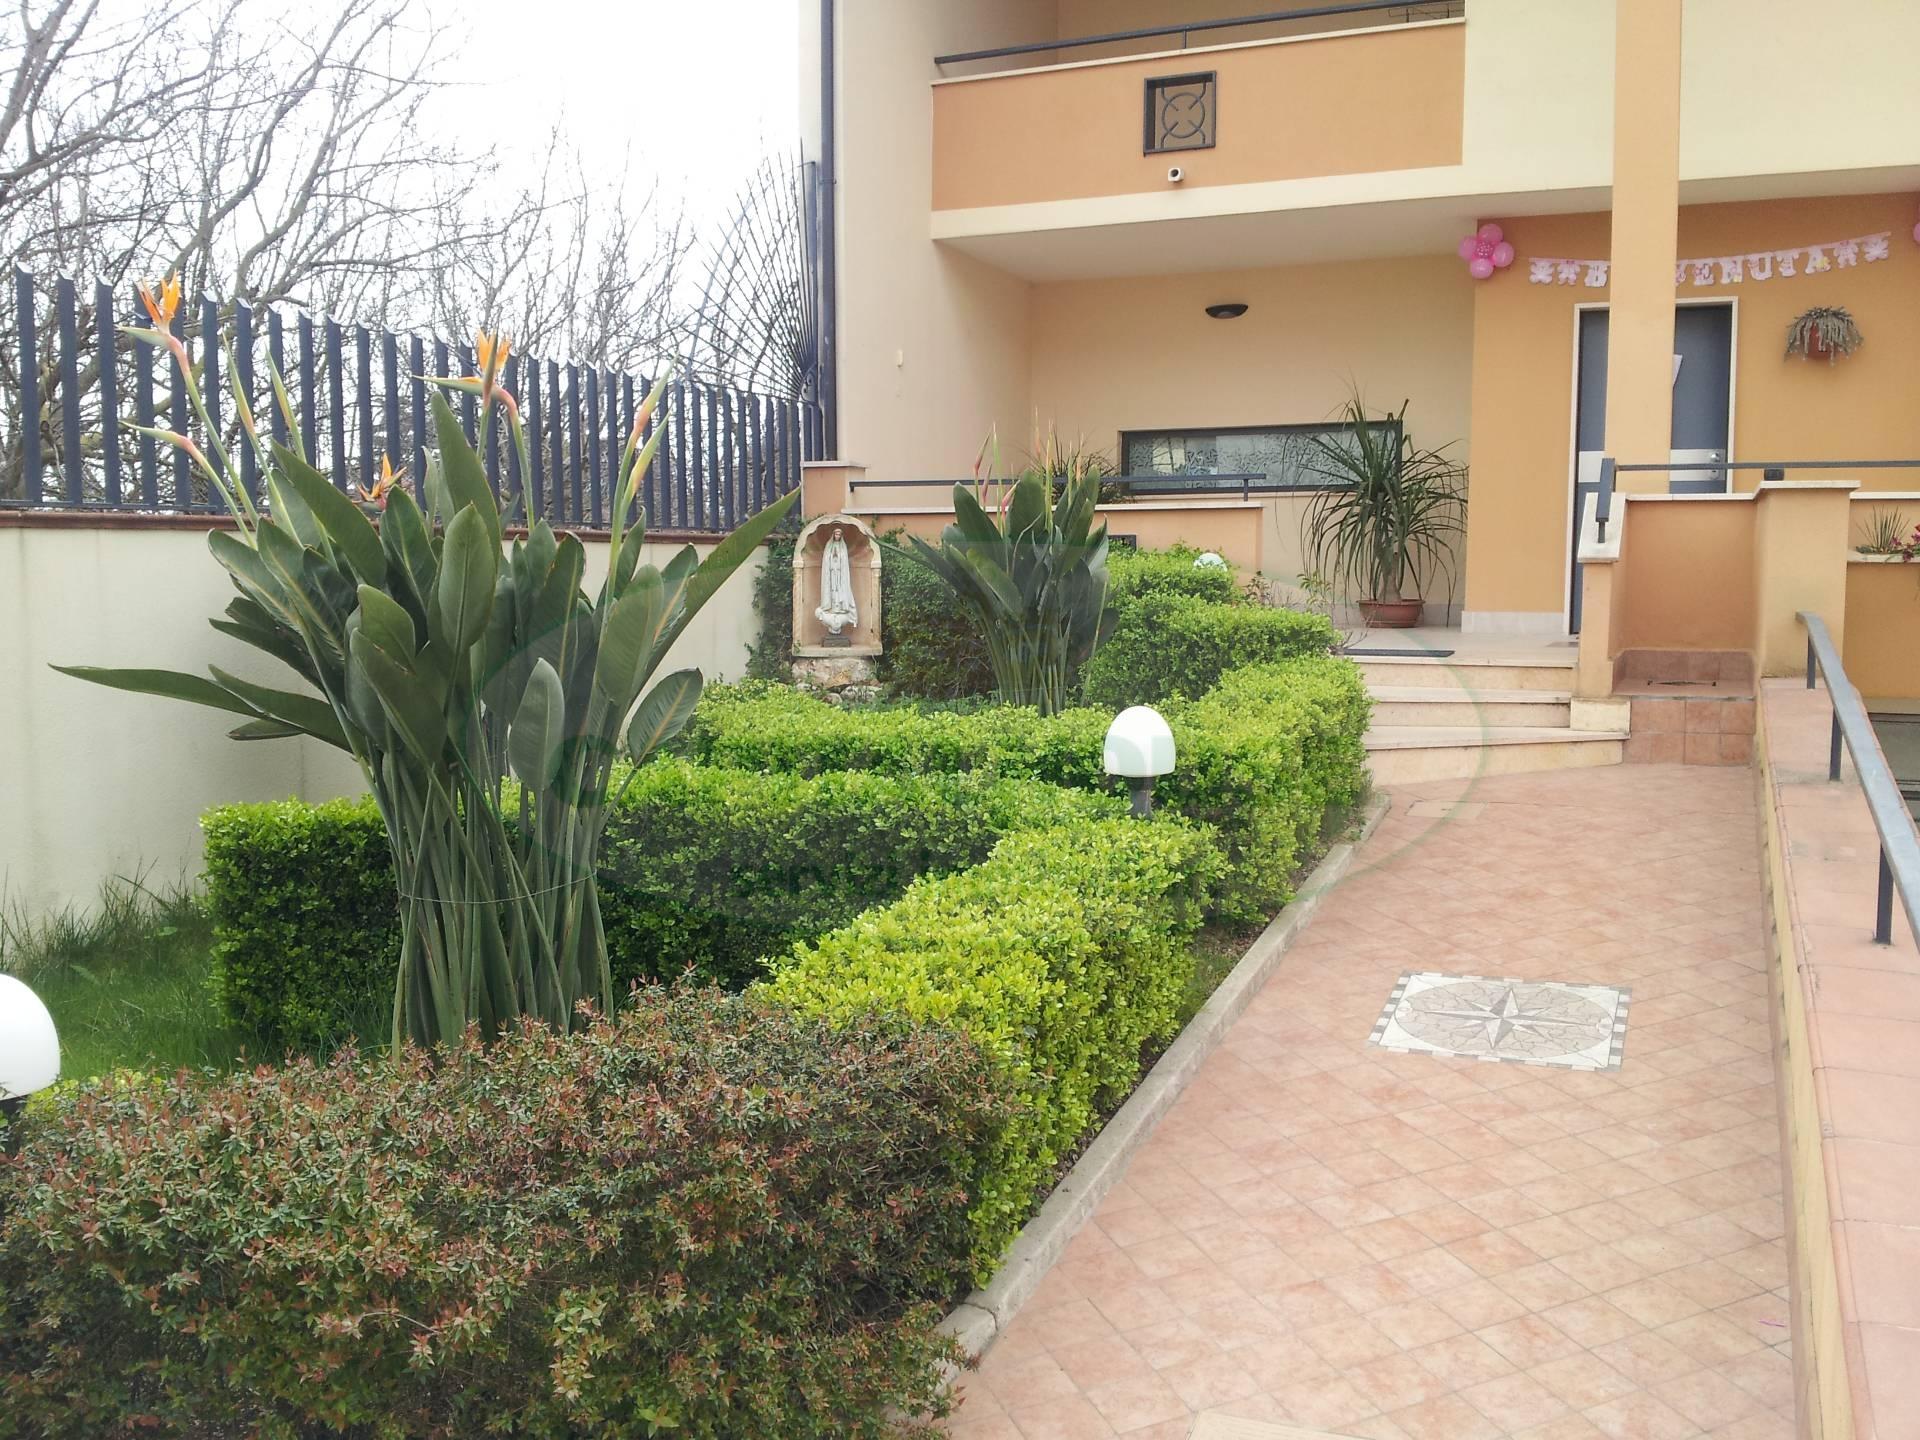 Villa in vendita a Portico di Caserta, 5 locali, prezzo € 299.000 | Cambio Casa.it